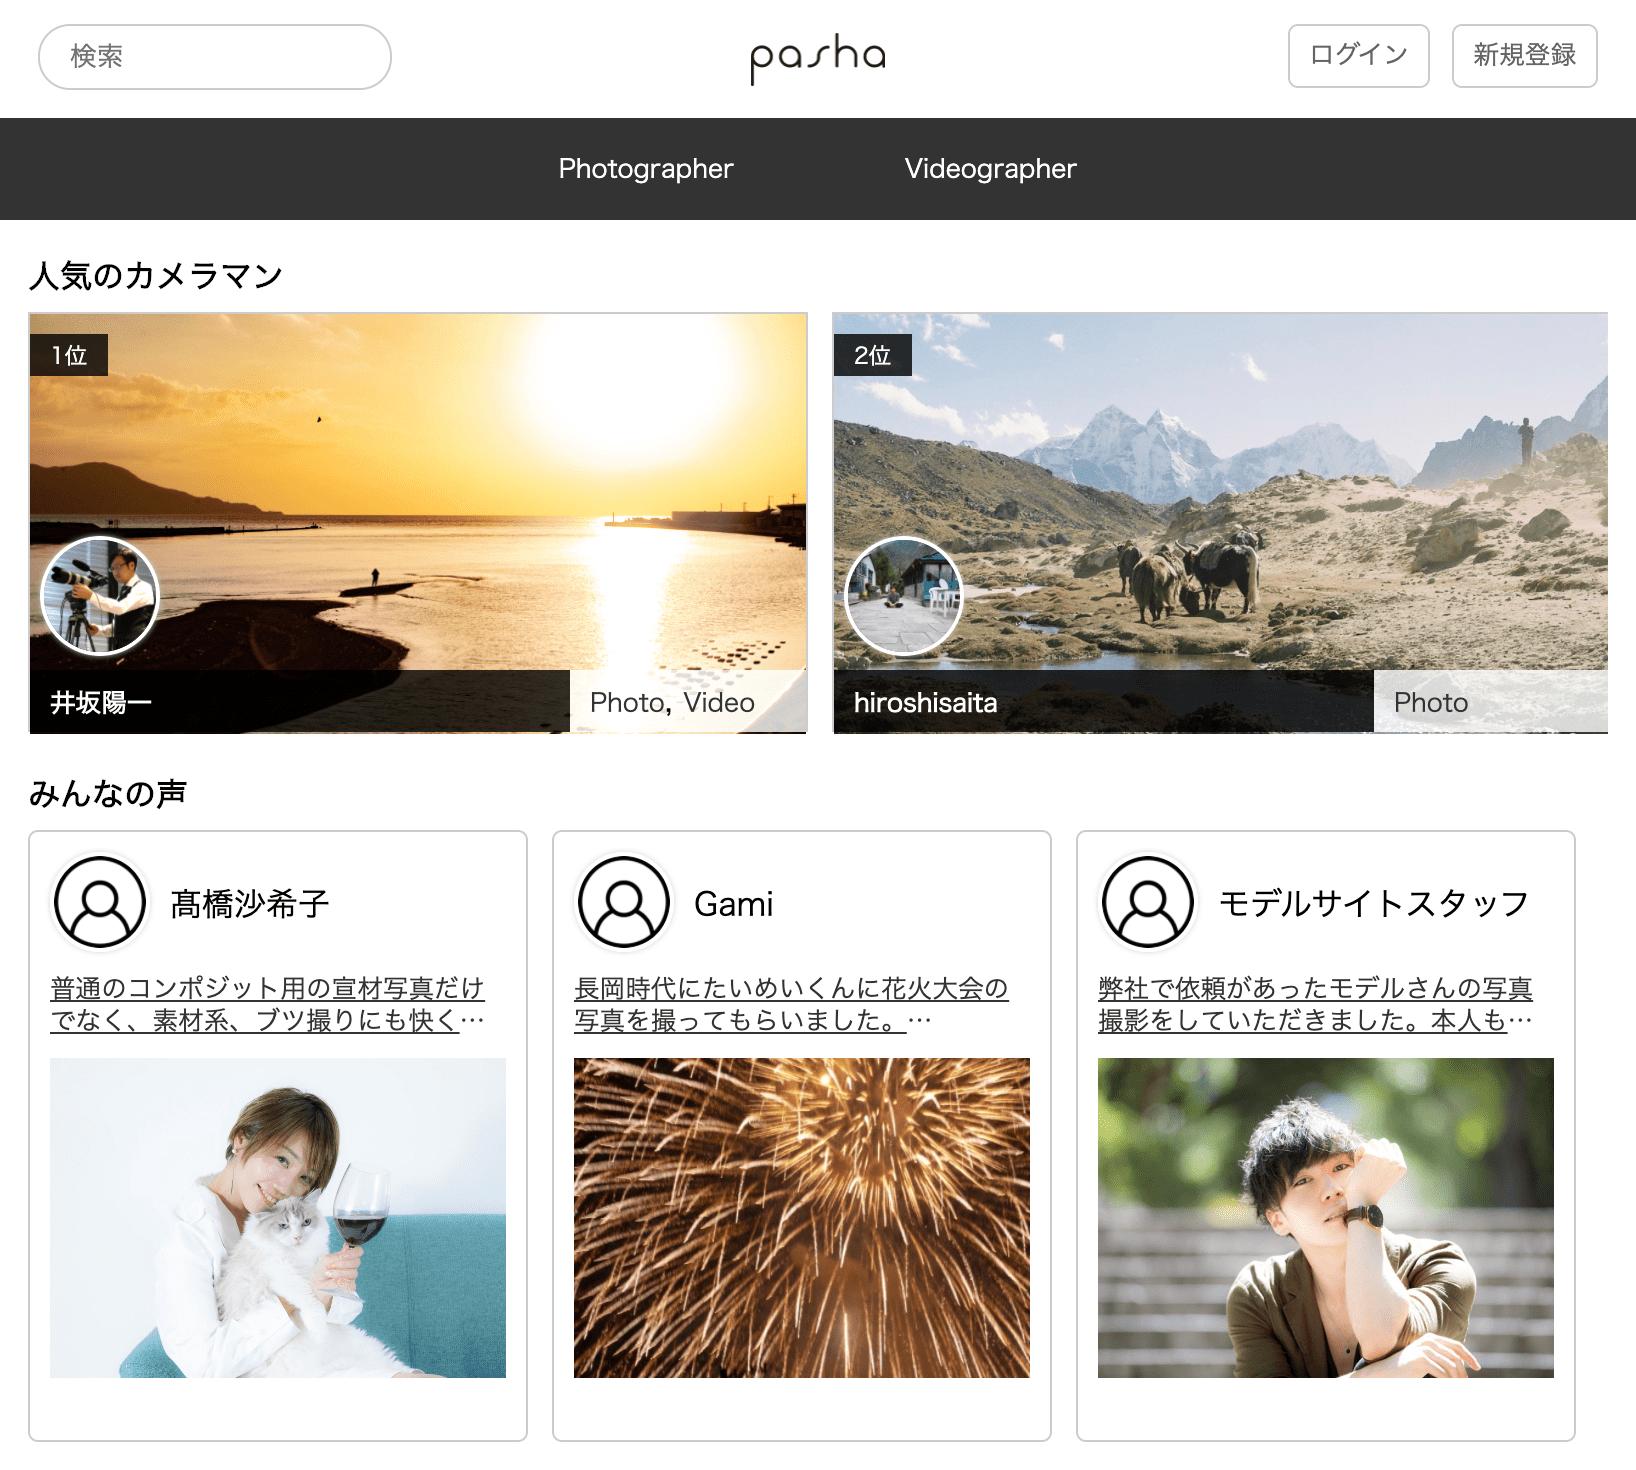 [双方利用料無料!] 余計な料金はかからない。カメラマン一覧サイト「pasha」がこれからのカメラマン探しのスタンダードに。